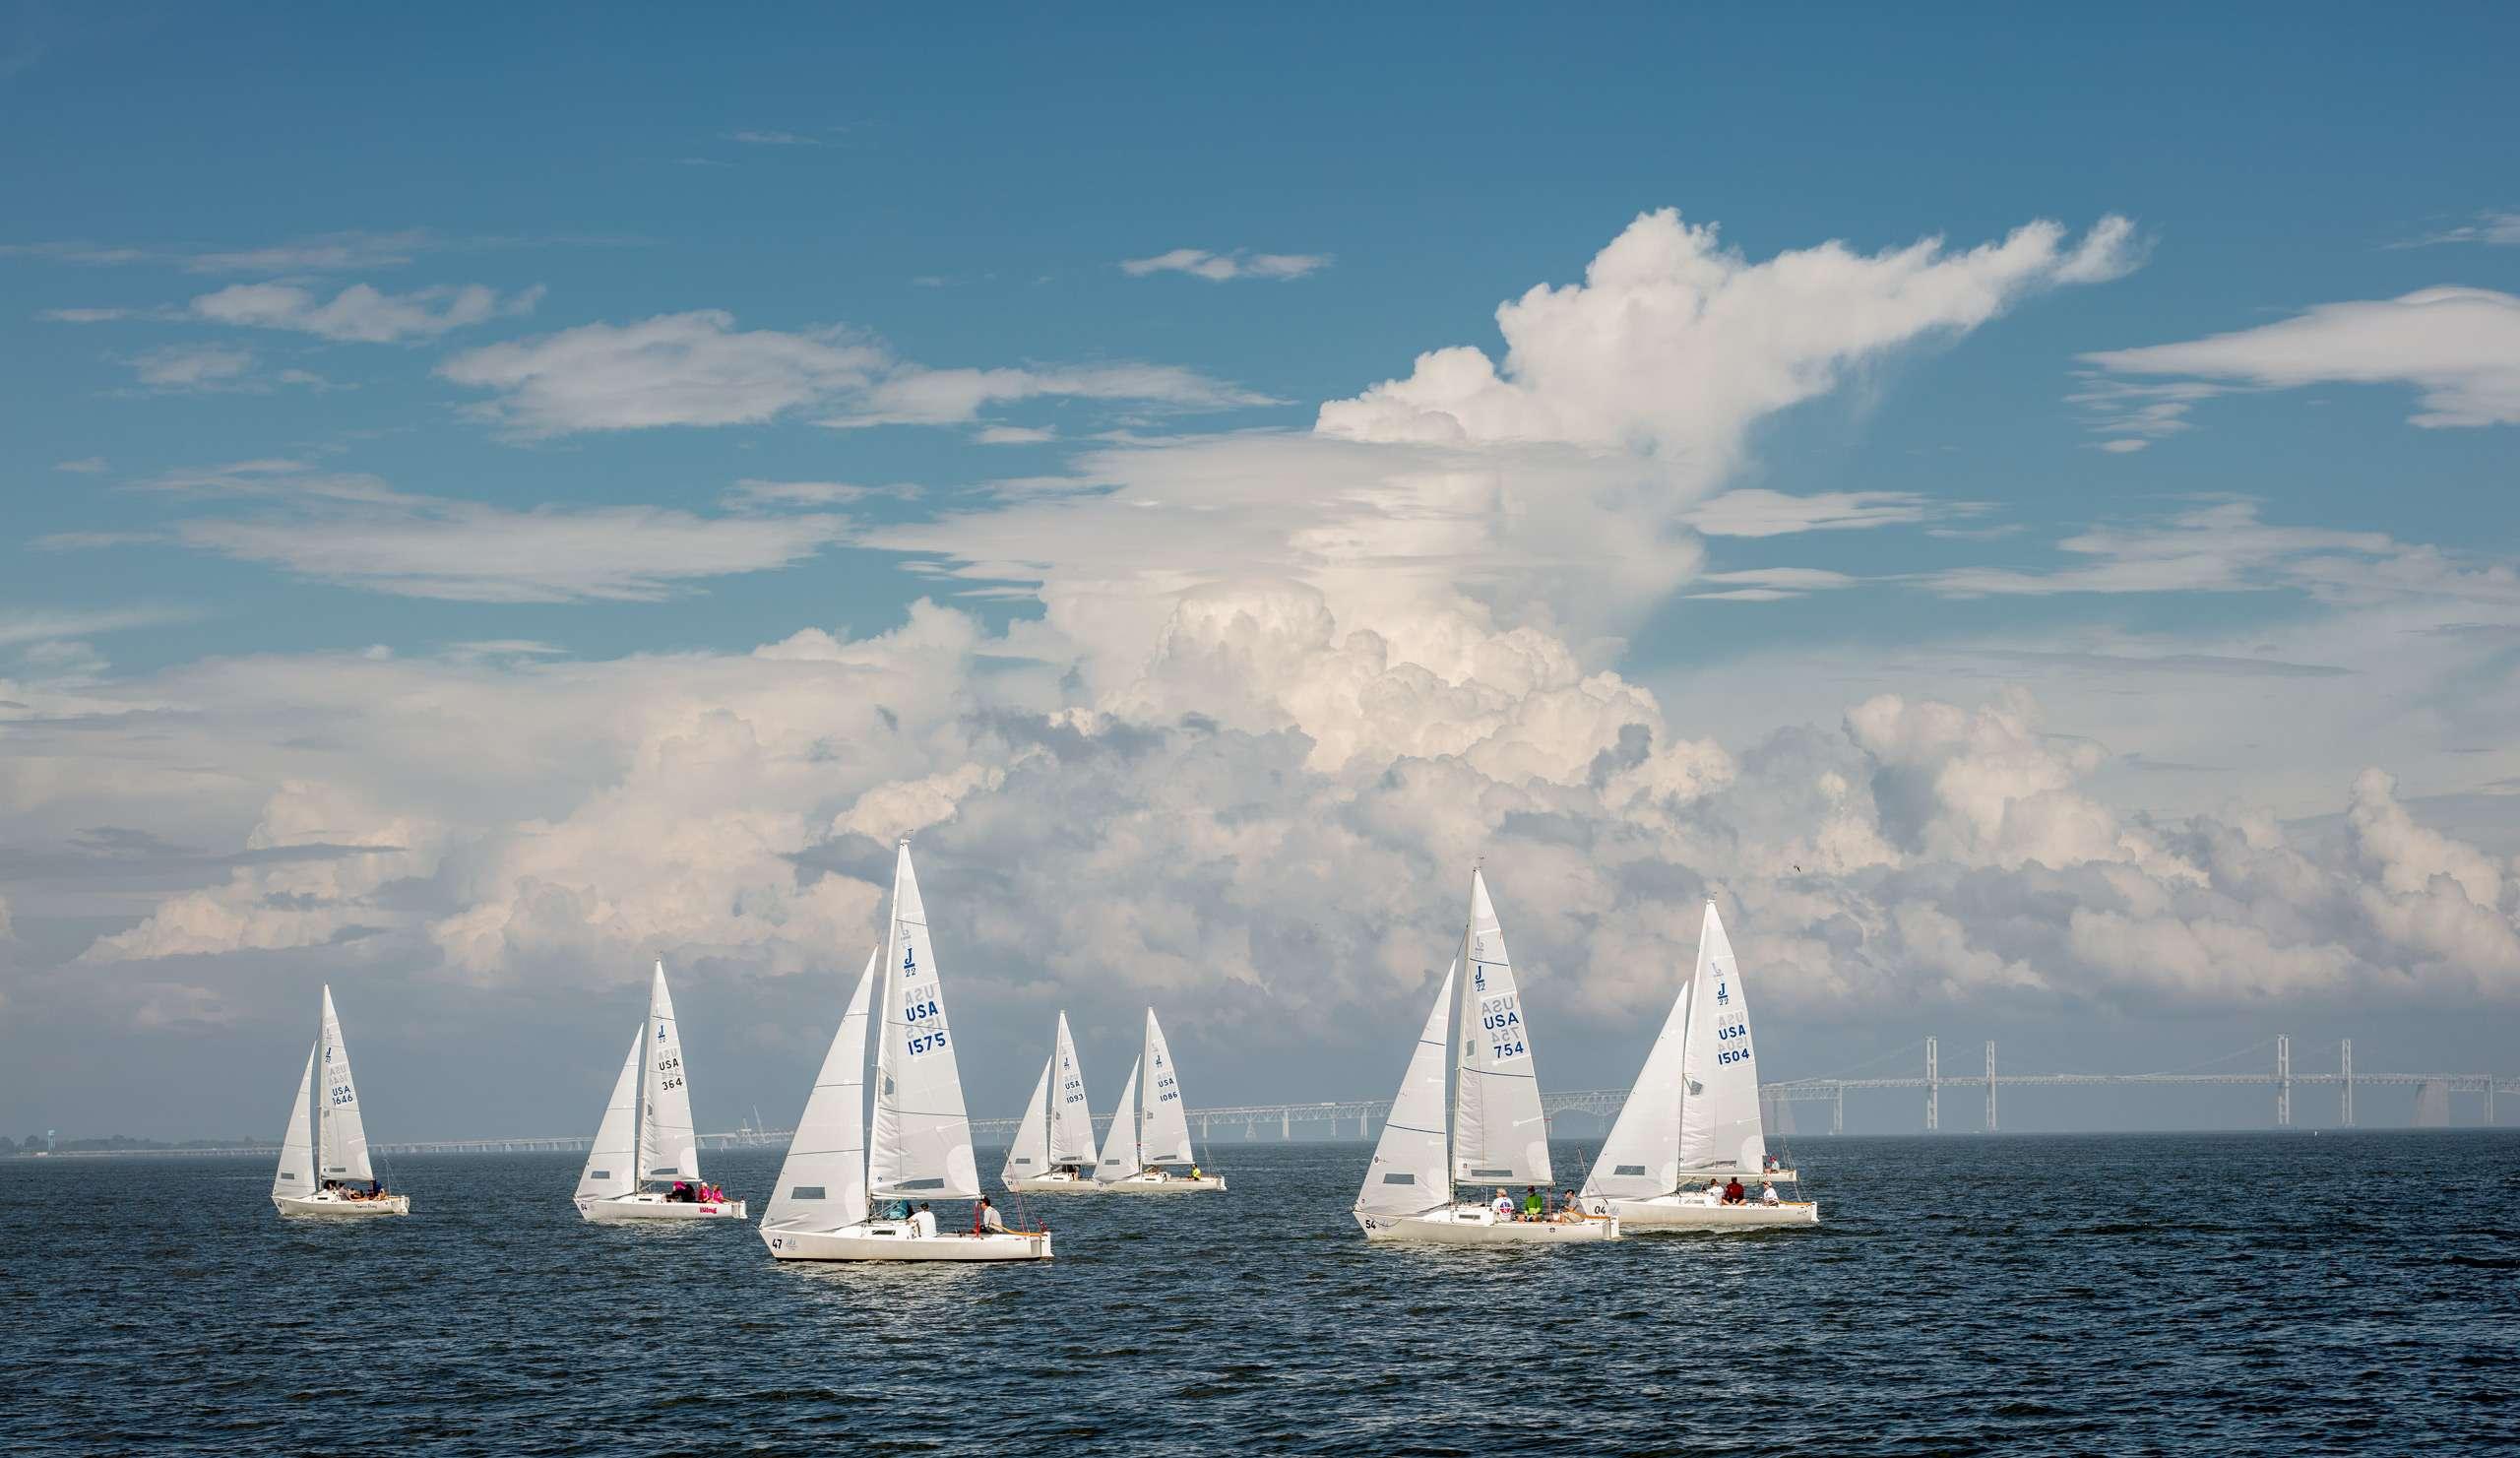 PORTFOLIO - Maritime #6